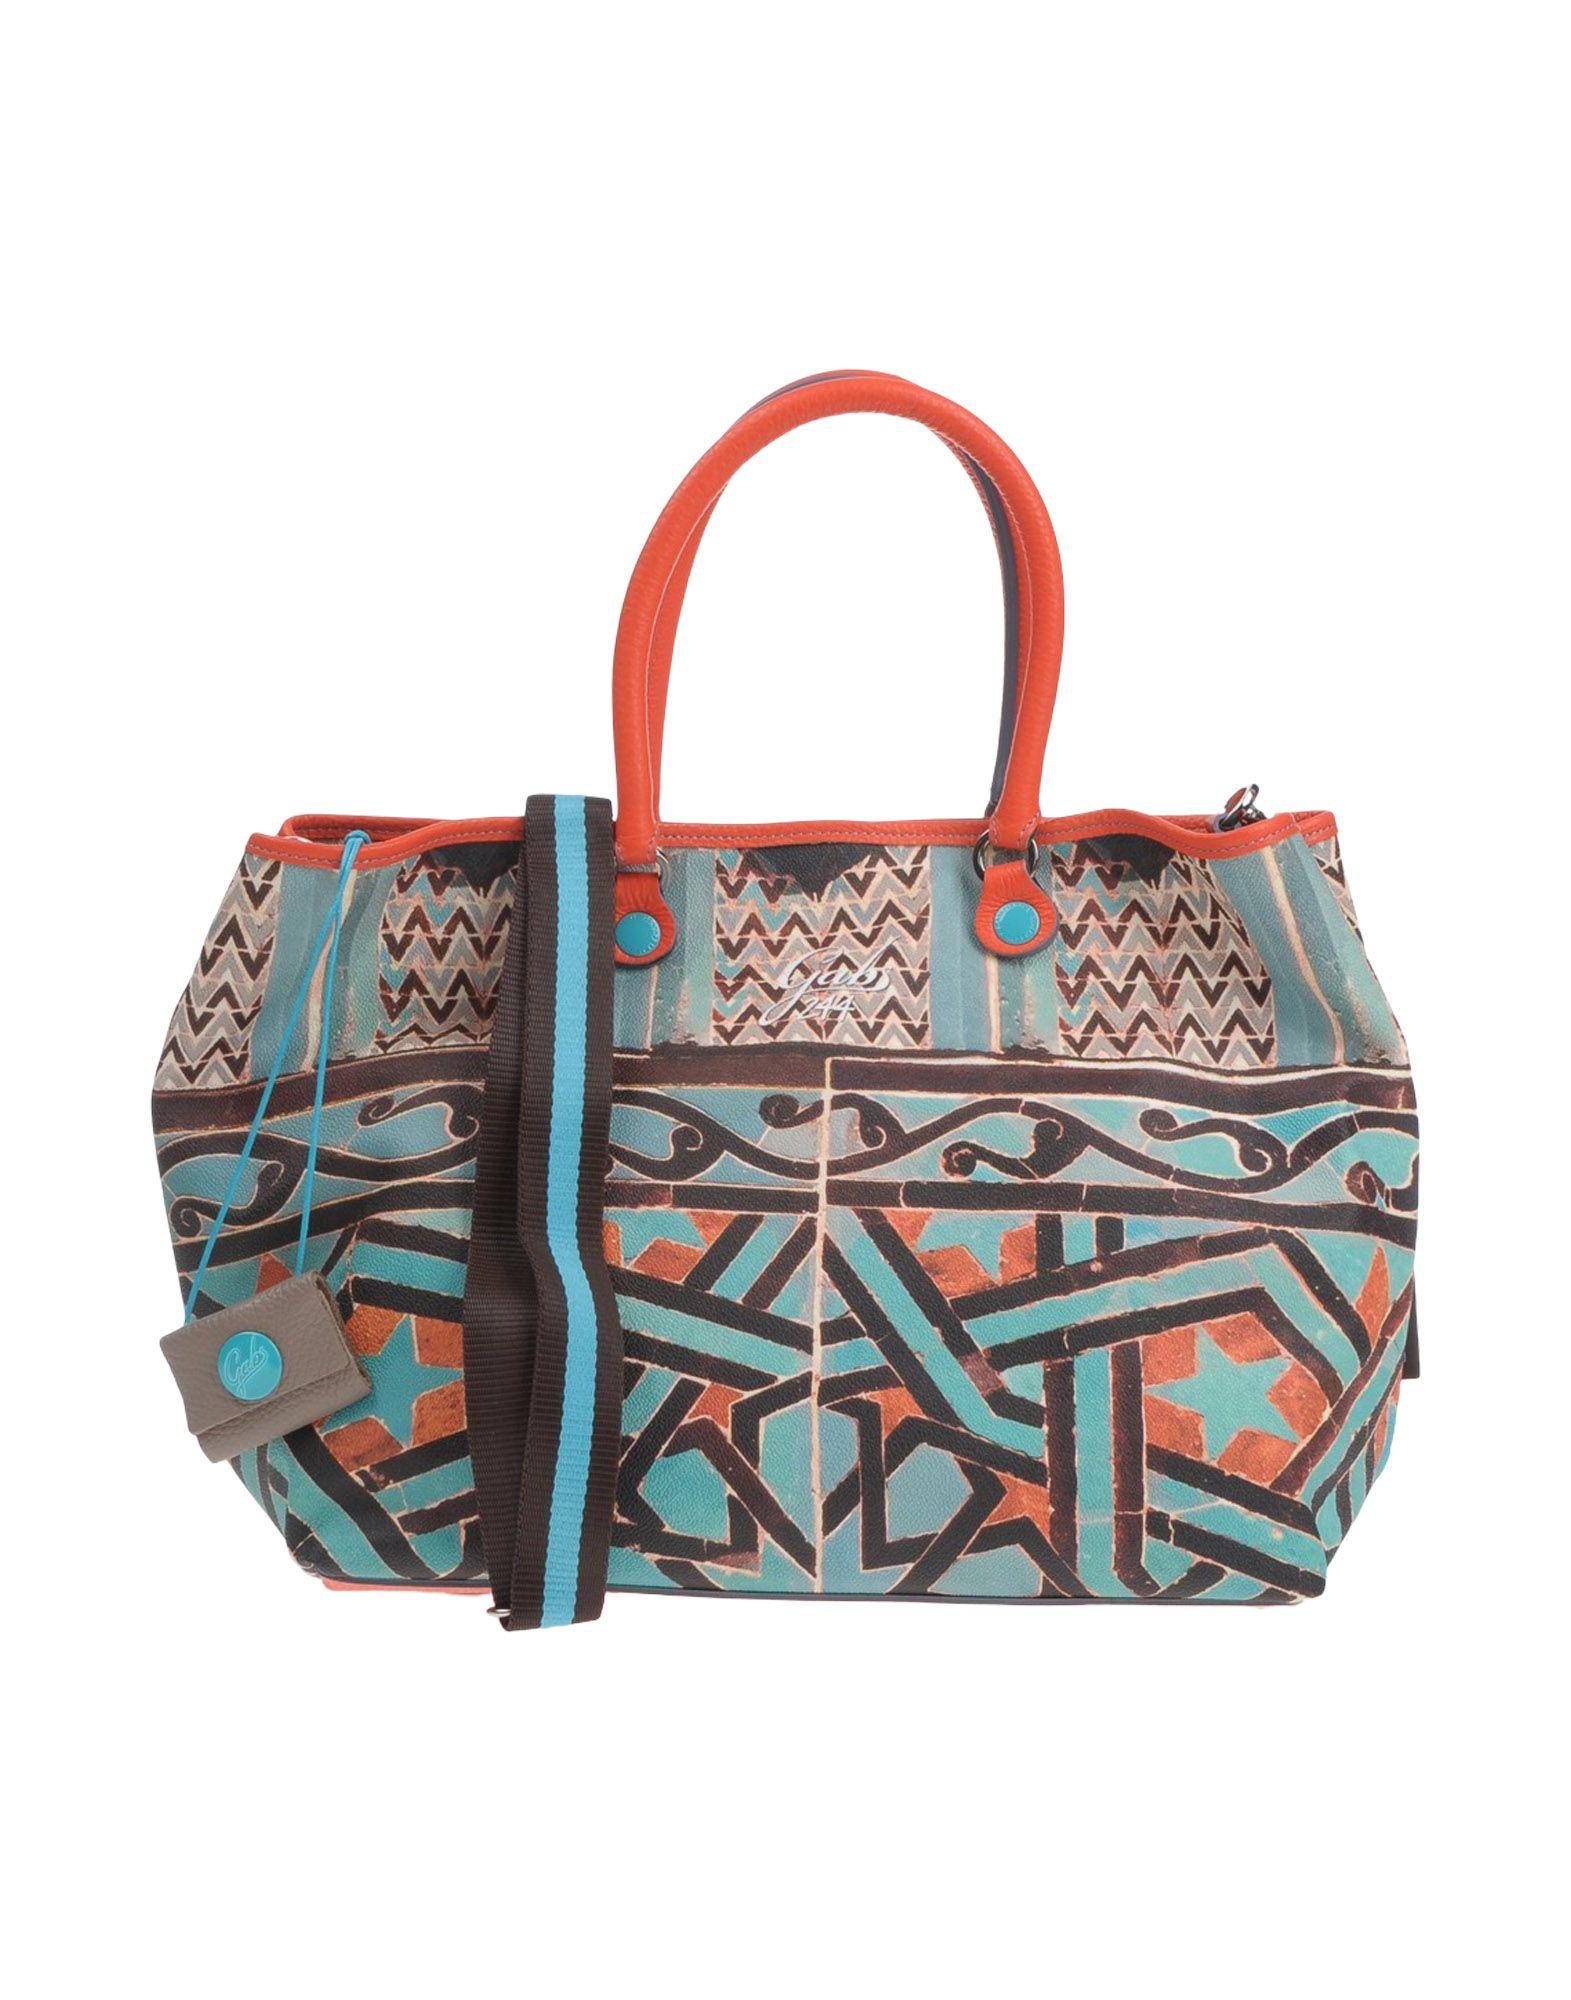 GABS Handbag in Turquoise